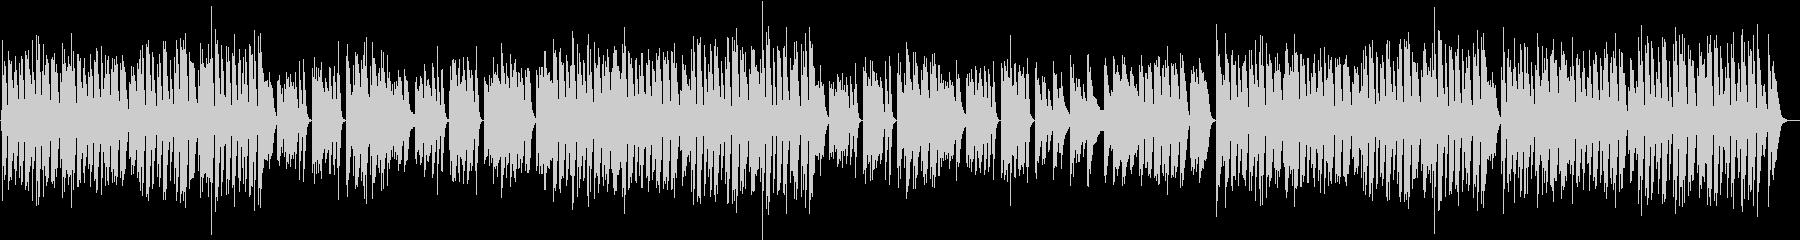 ラテンリズムの軽やかで可愛いピアノBGMの未再生の波形